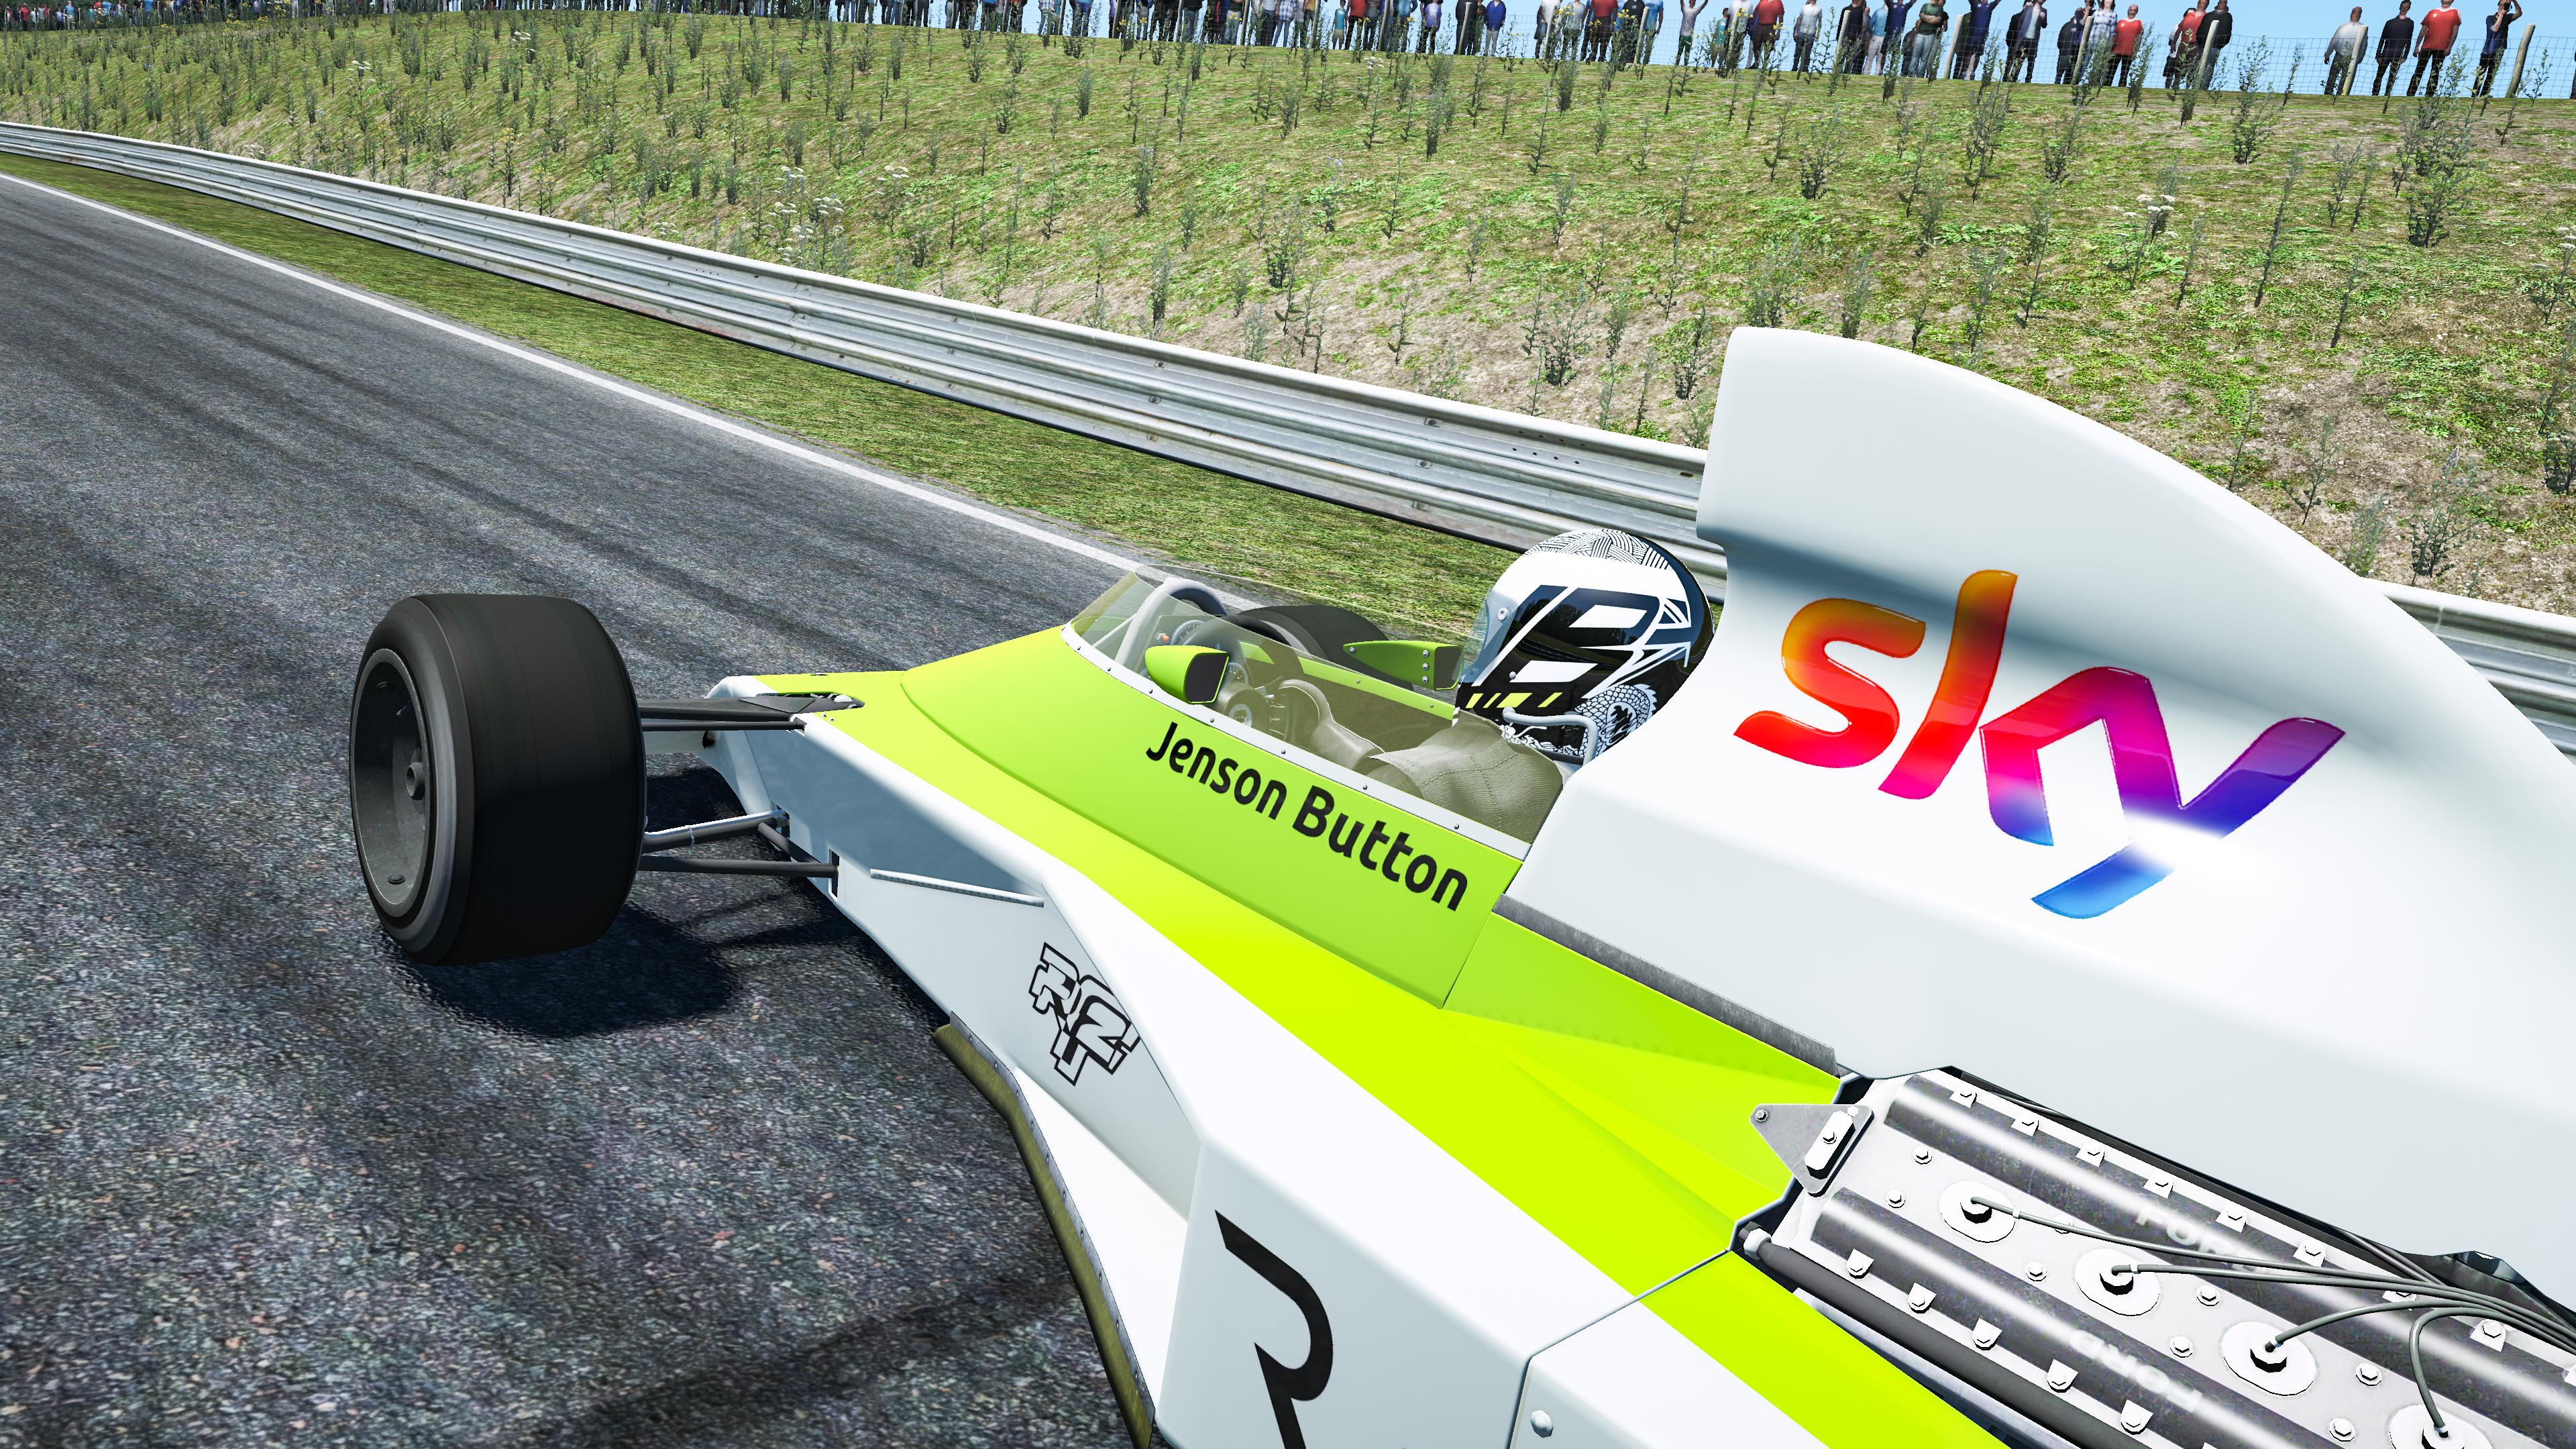 Jenson Button Legends Trophy The Race